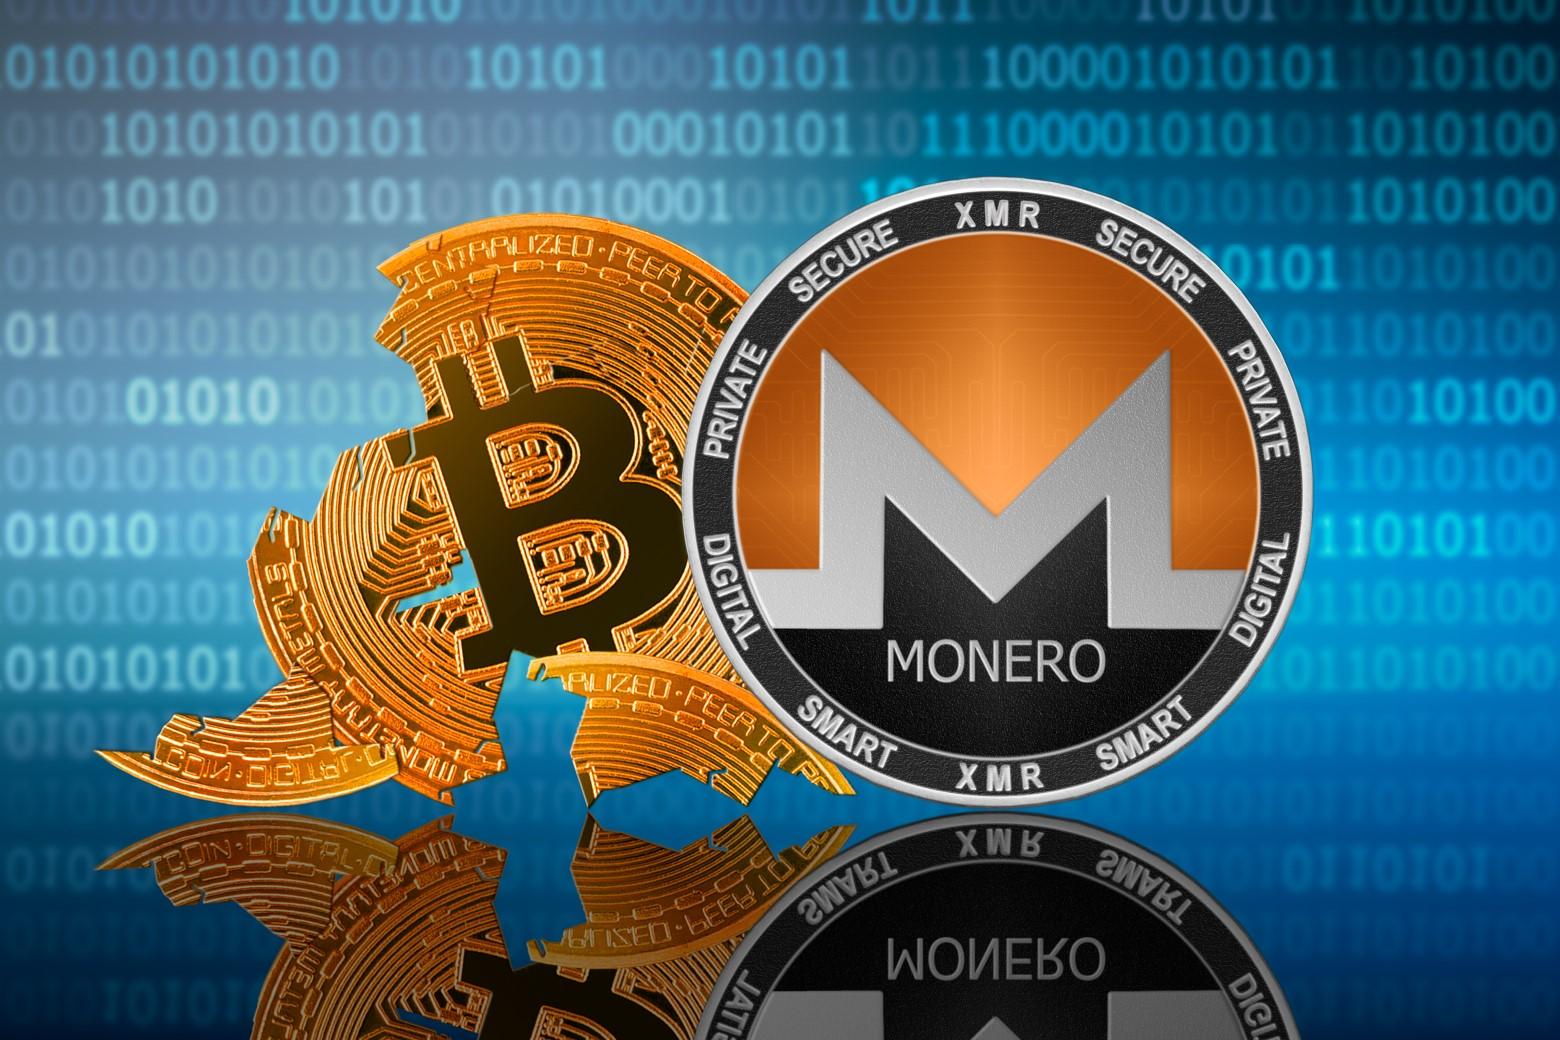 No solo Bitcoin: Ojo al Monero, la nueva criptomoneda objeto de los hackers